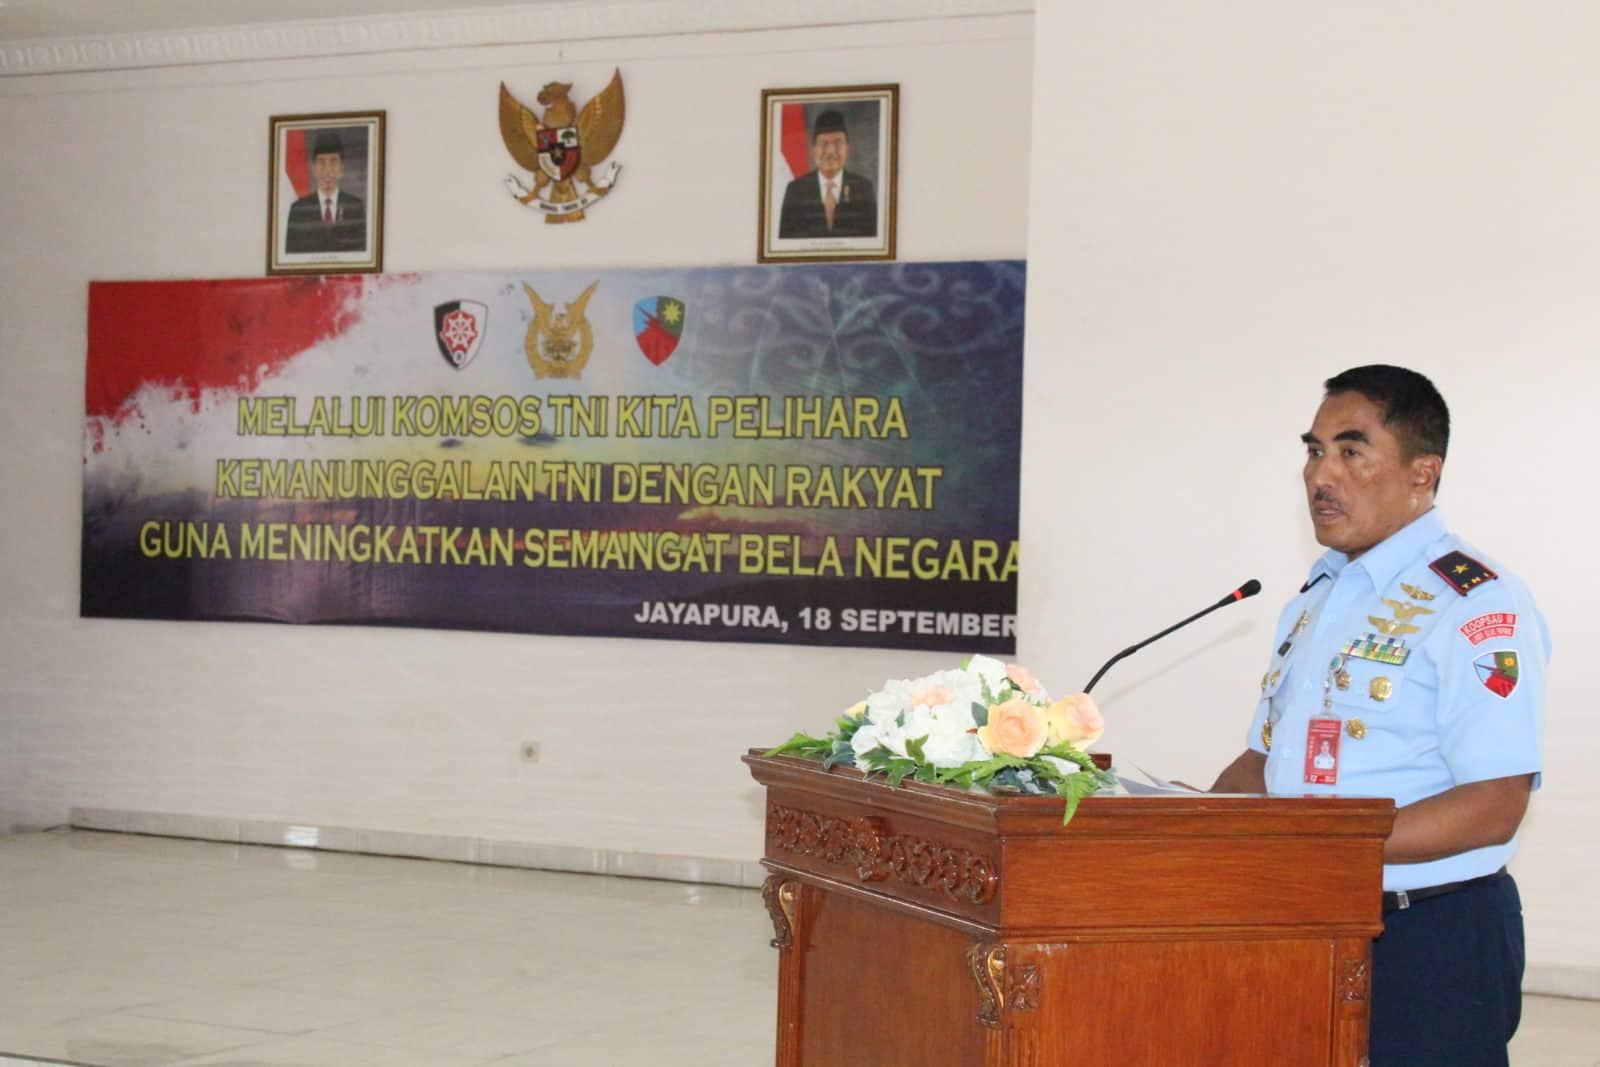 Komsos TNI di Lanud Silas Papare